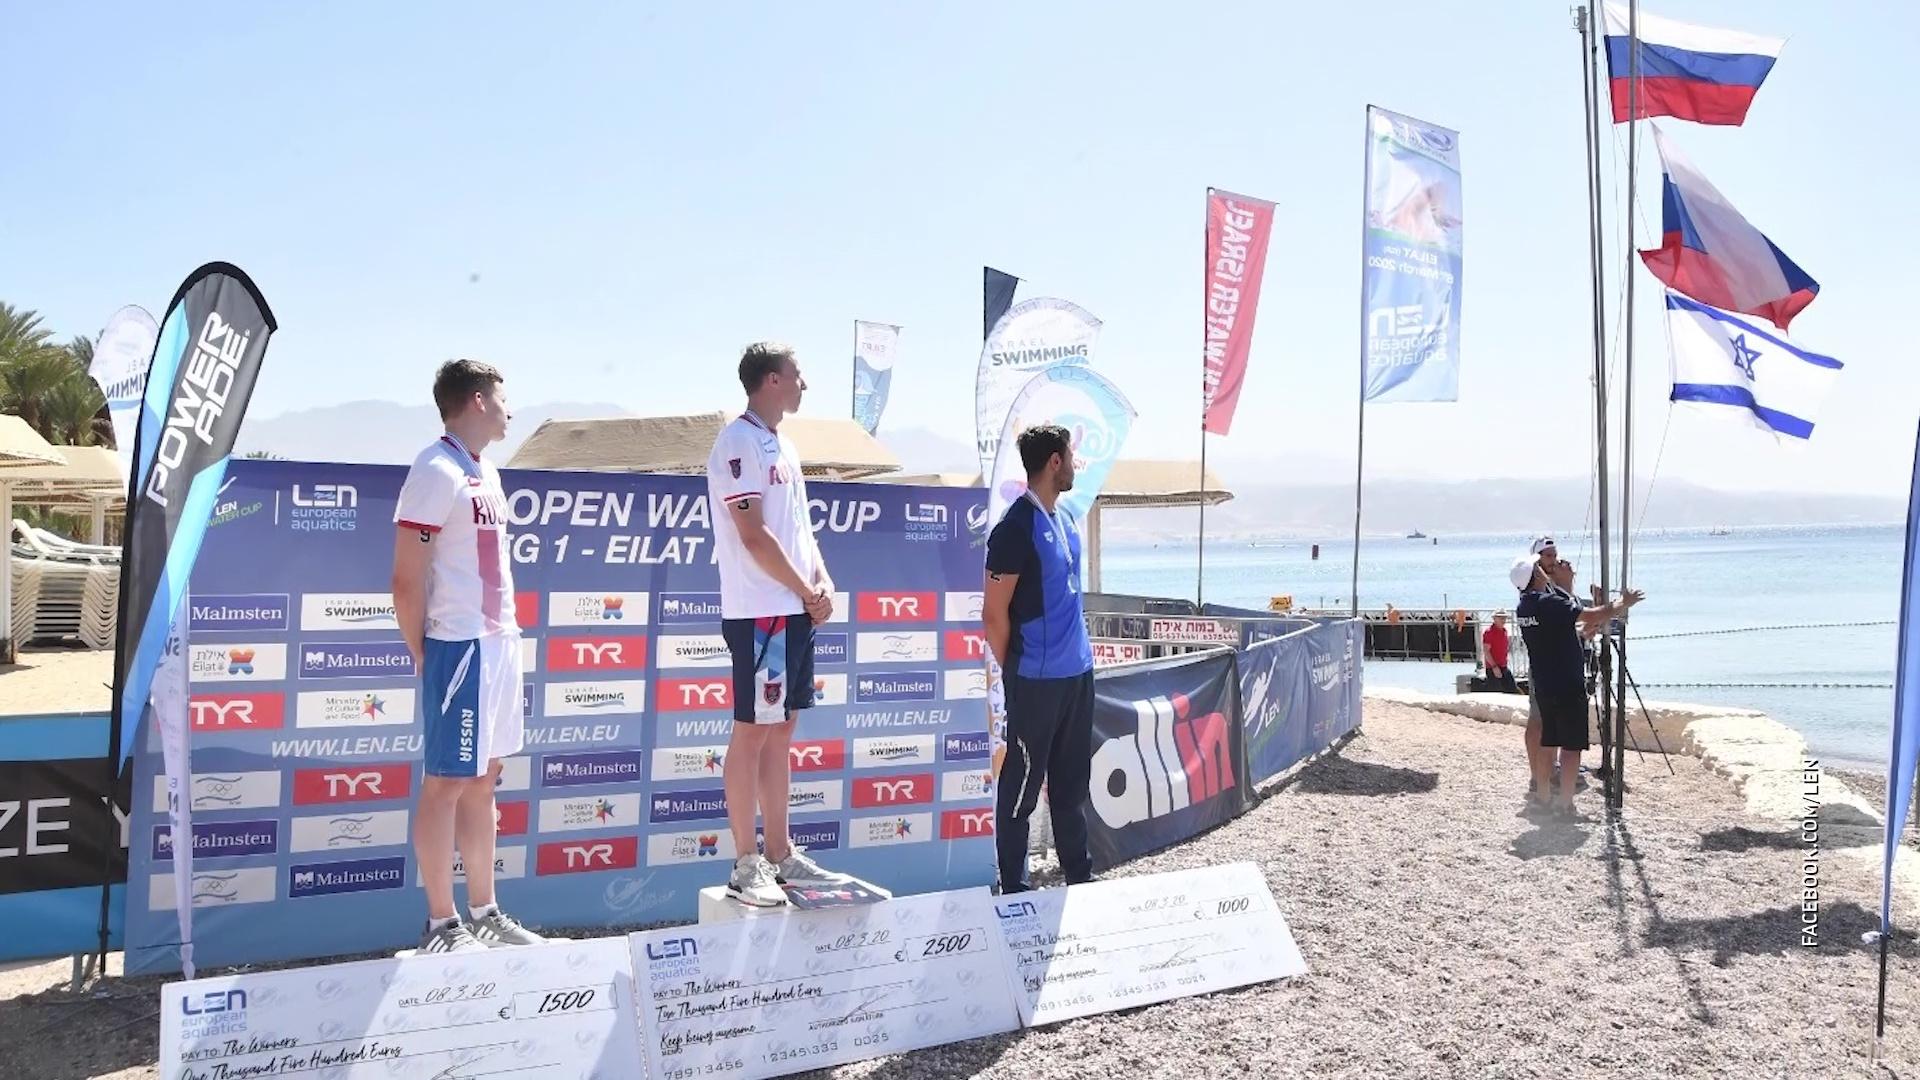 Ярославец выиграл этап Кубка Европы по плаванию на открытой воде